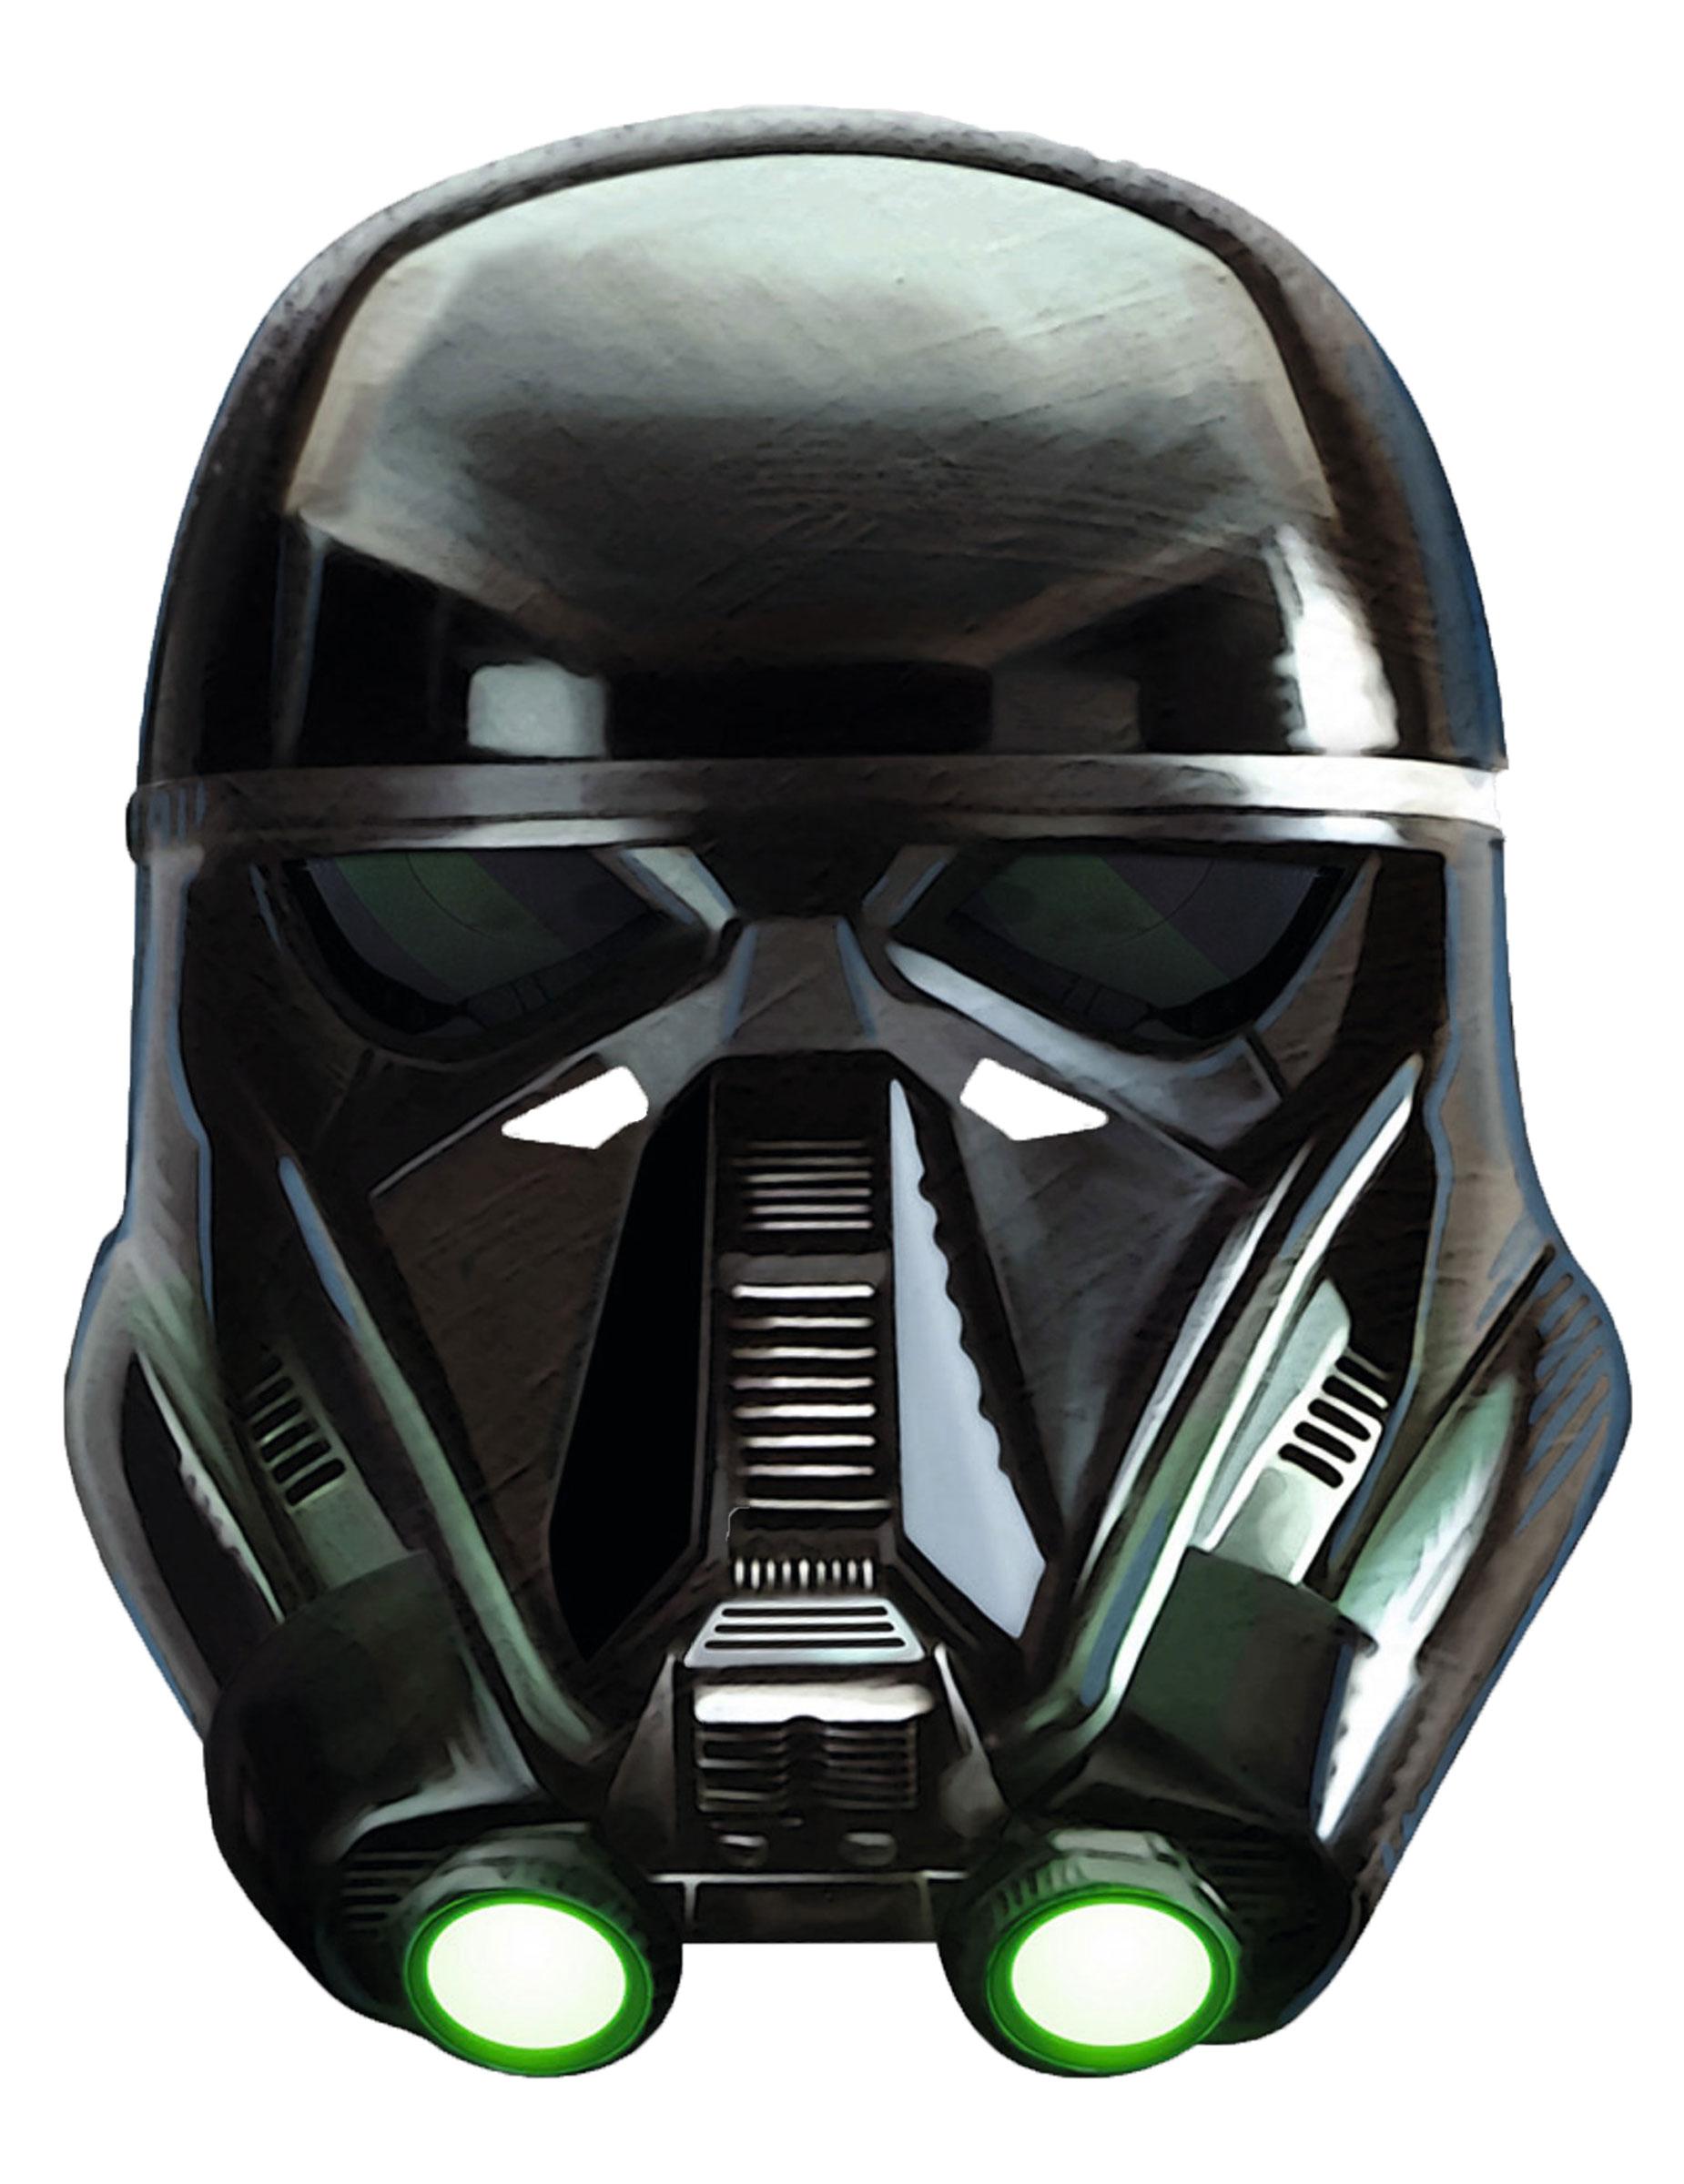 offizieller Shop am besten bewerteten neuesten das Neueste Deat Trooper™-Maske Star Wars-Lizenzartikel schwarz